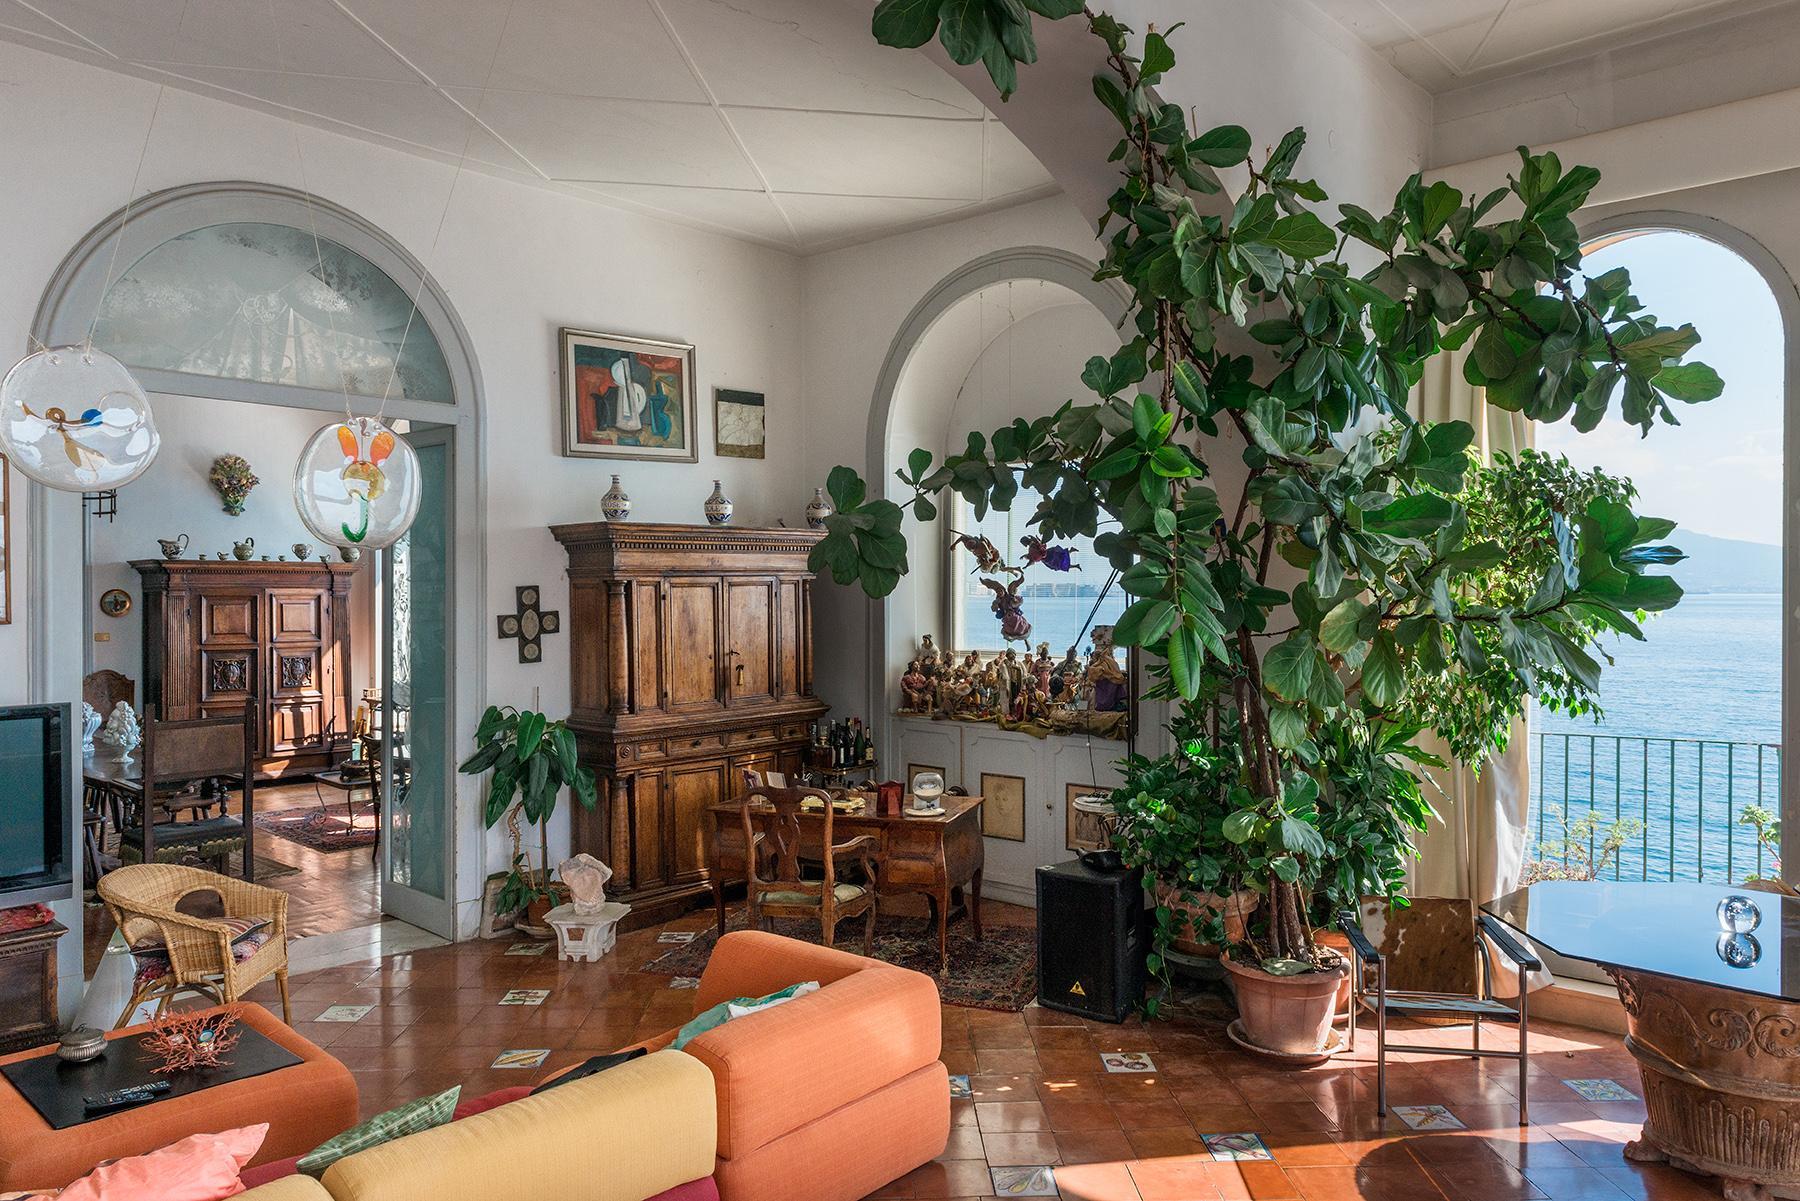 Первая линия моря! Потрясающие апартаменты в старинной вилле в Неаполе, Италия - 34